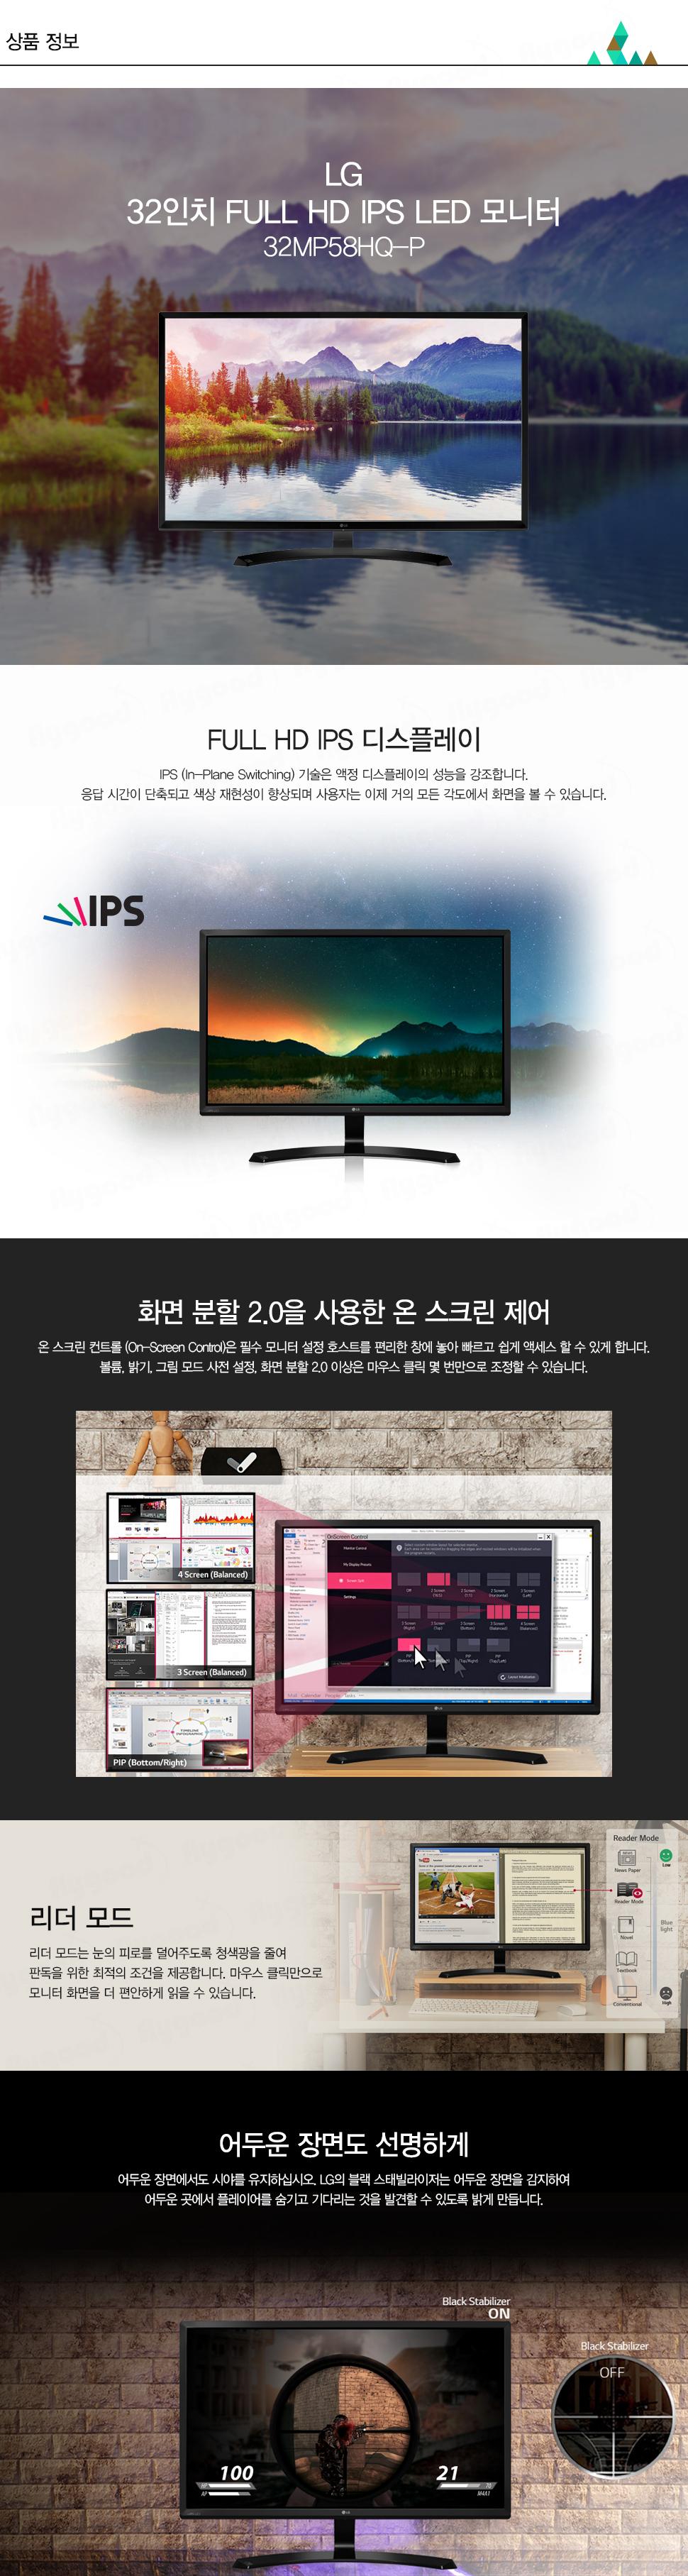 LG_LED모니터_32MP58HQ-P_01.jpg